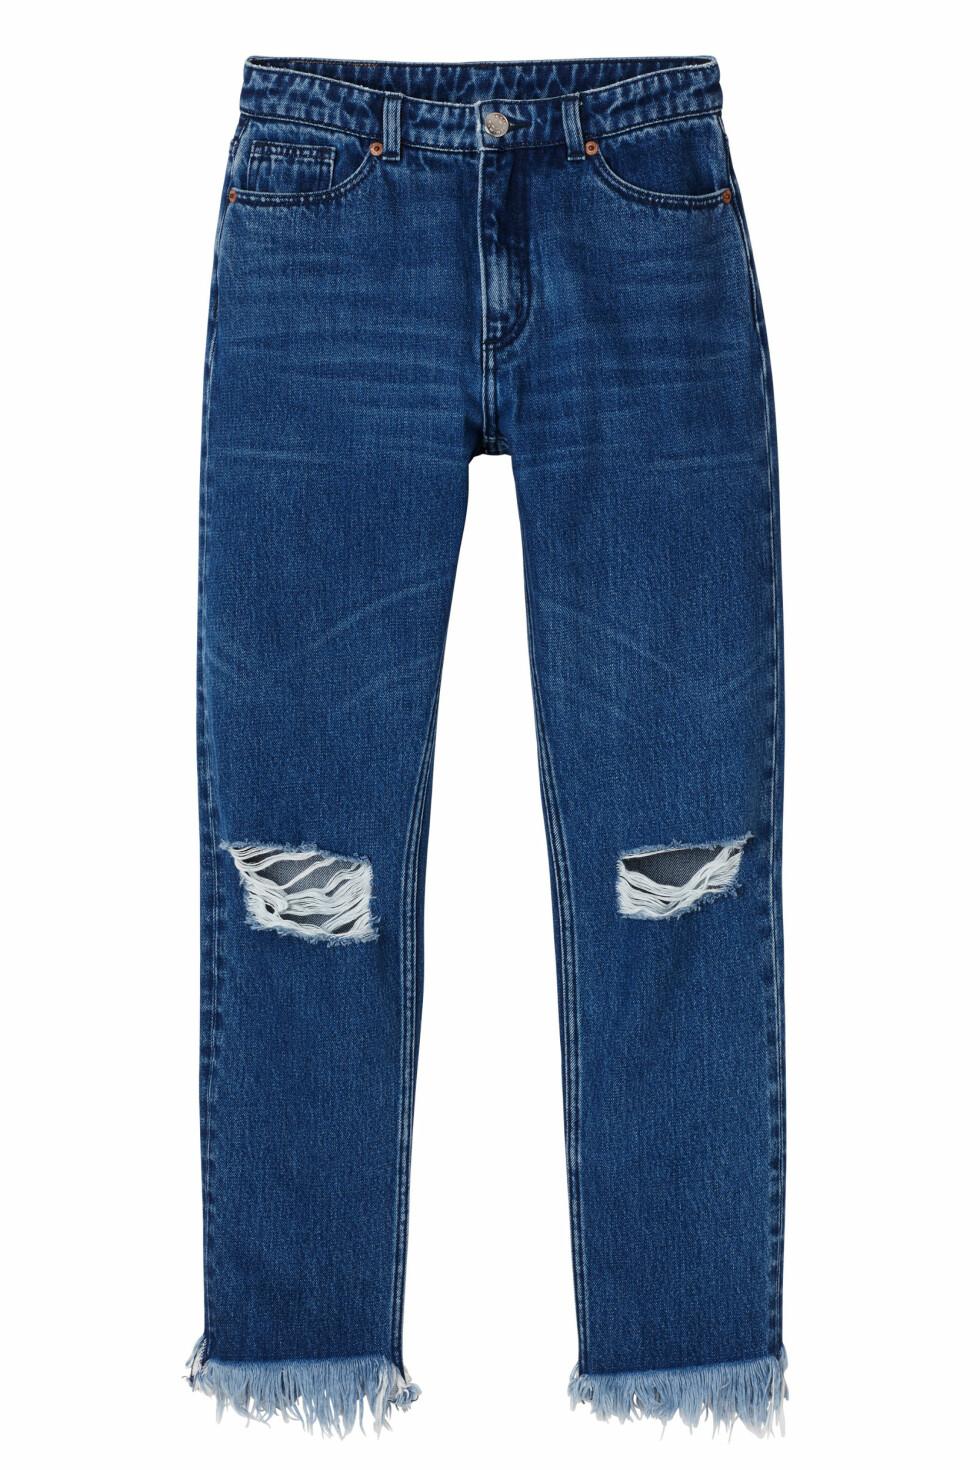 Jeans fra Monki, kr 486. Foto: Produsenten